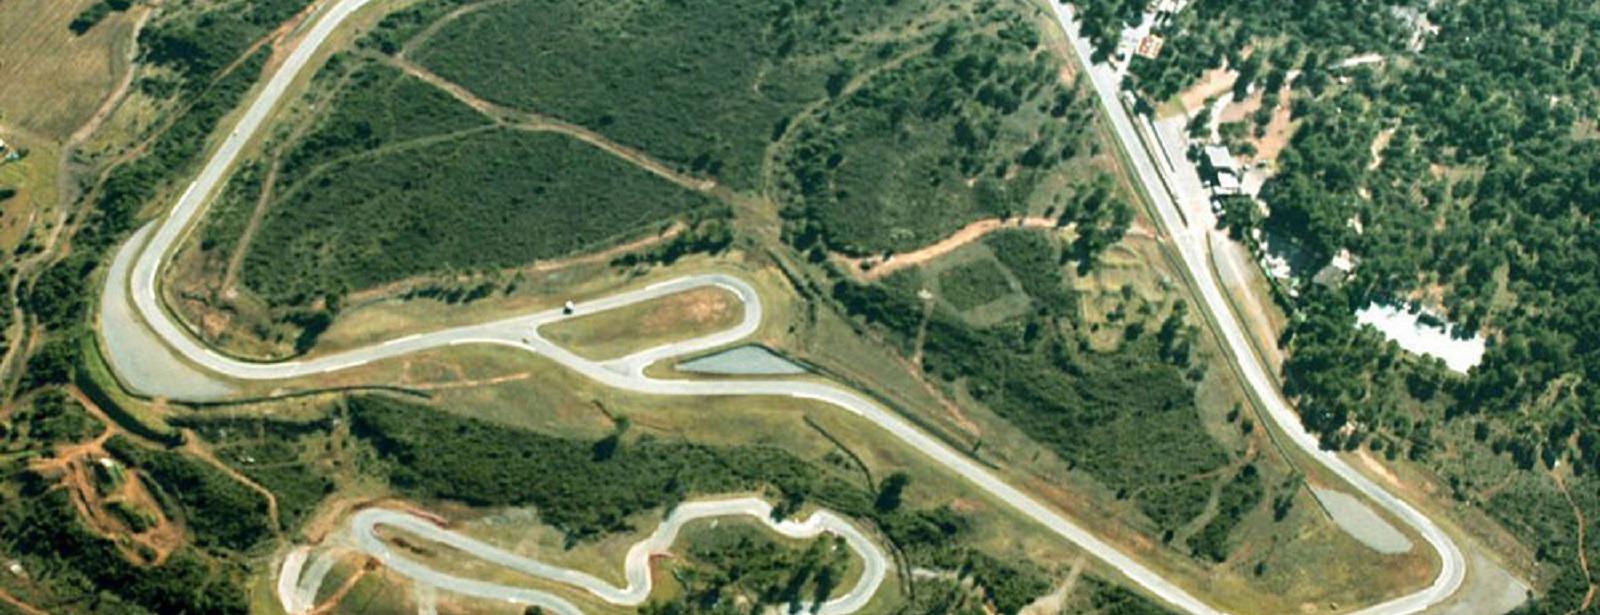 Circuit Du Luc Calendrier 2021 Circuit Le Luc en Provence   Section Circuit   Porsche Club